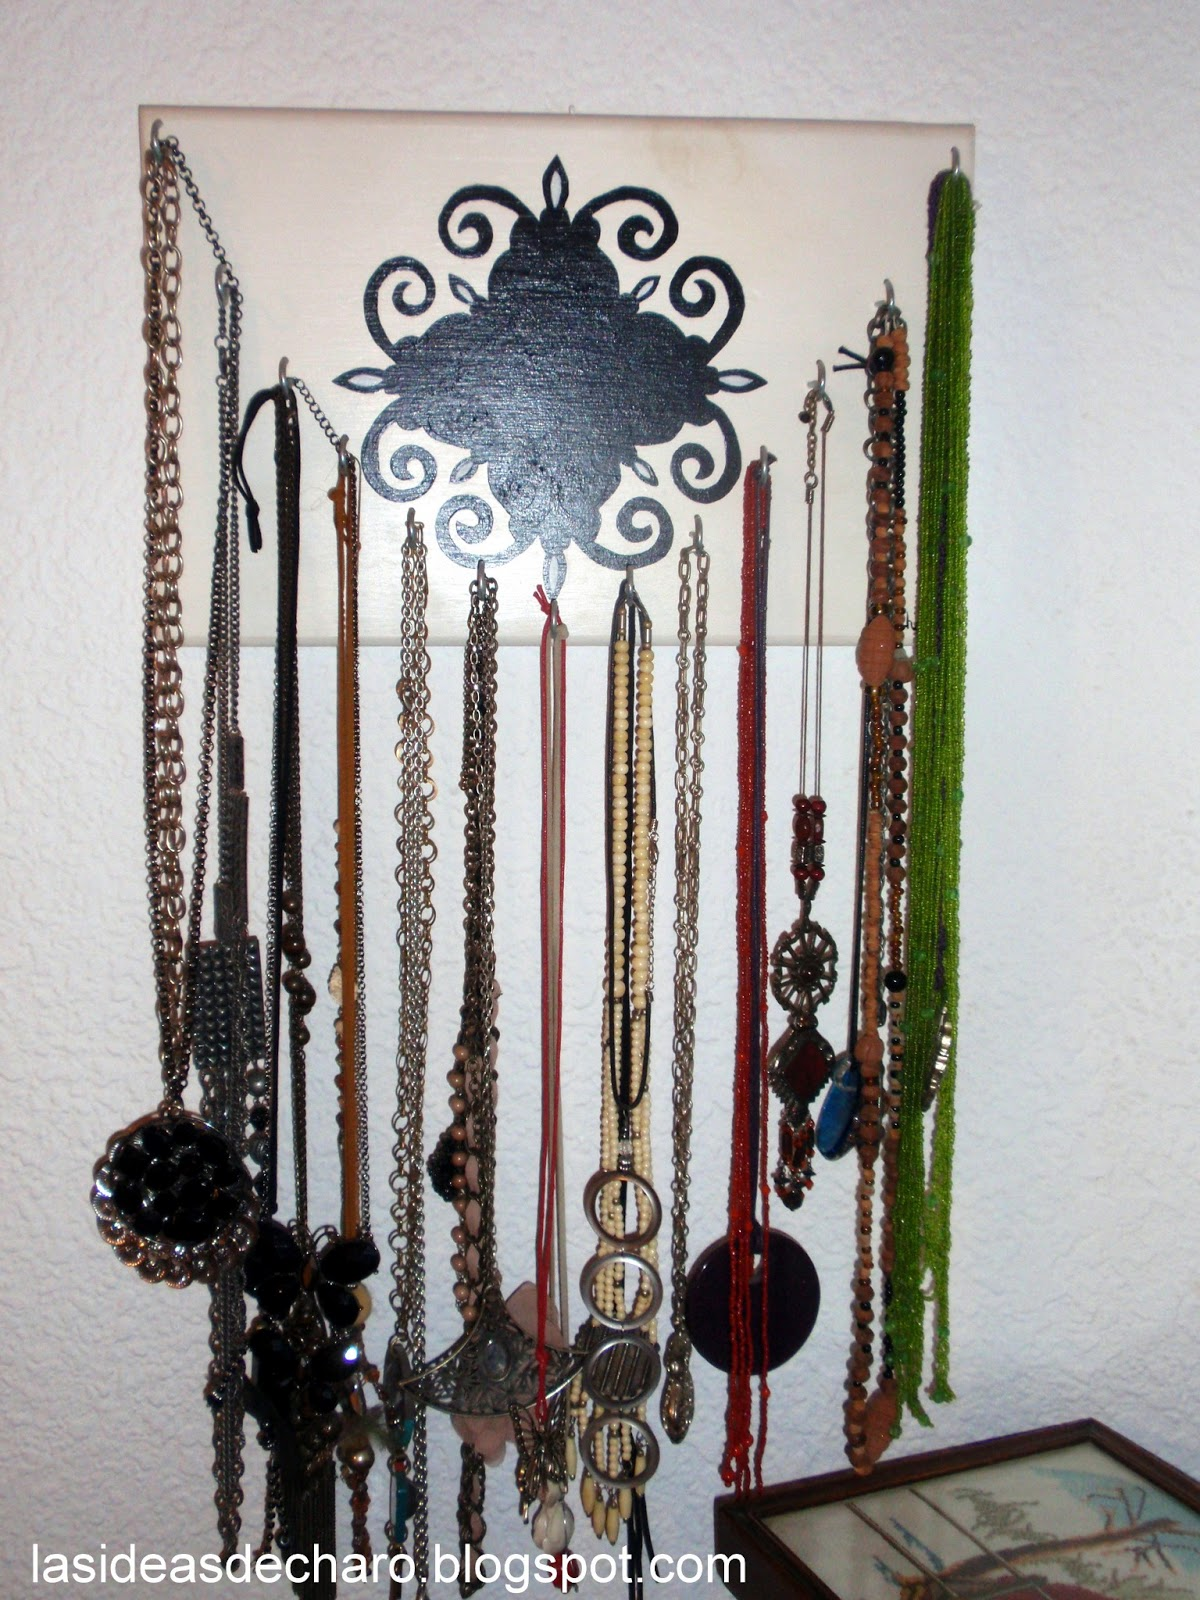 Las ideas de charo colgador de collares - Colgador de collares ikea ...